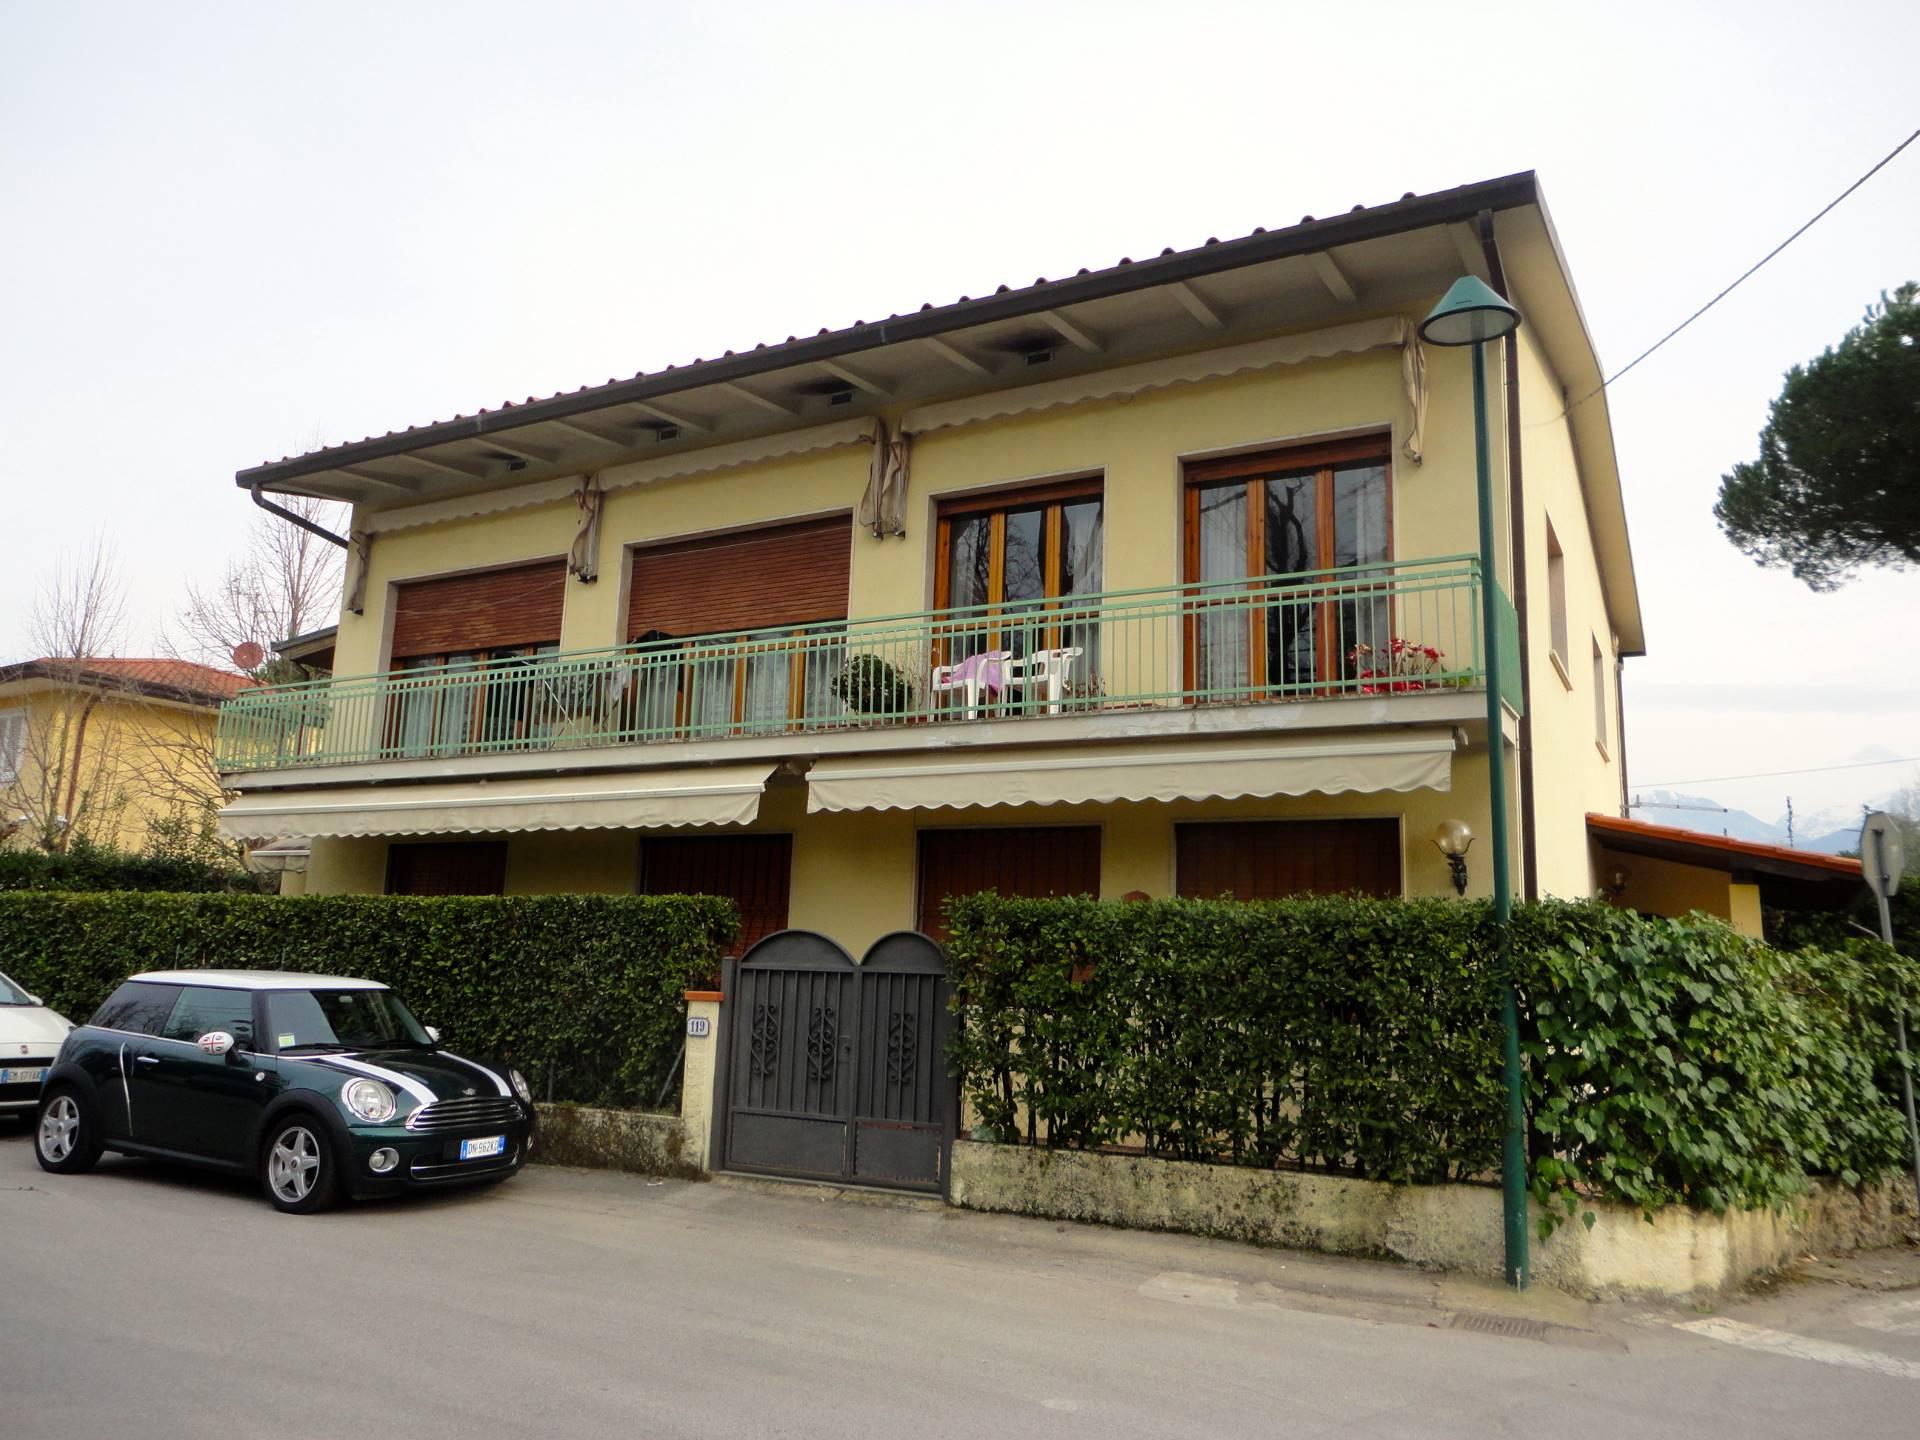 Appartamento in vendita a Forte dei Marmi, 6 locali, zona Zona: Caranna, prezzo € 690.000 | Cambio Casa.it